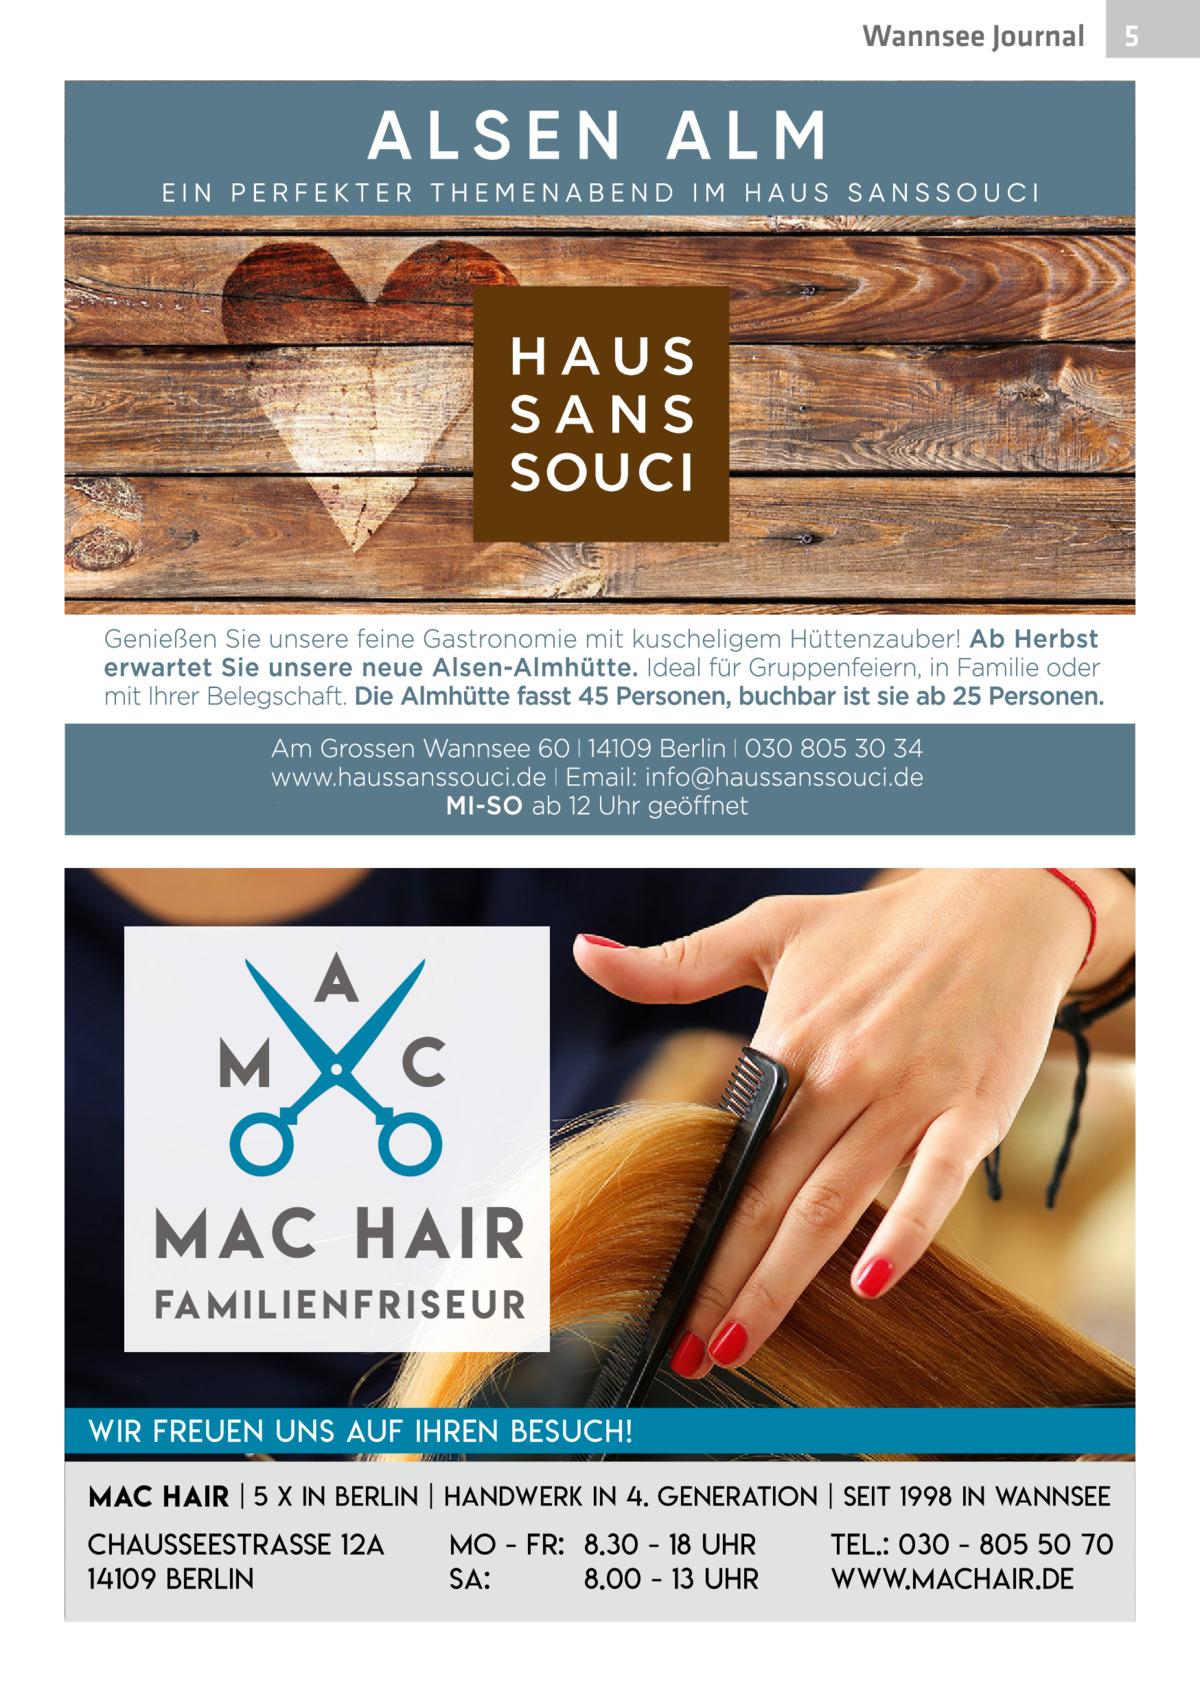 Wannsee Journal  Fa m i l i e n f r i s e u r Wir freuen uns auf Ihren Besuch! Mac Hair   5 x in Berlin   Handwerk in 4. Generation   Seit 1998 in Wannsee  Chausseestraße 12a 14109 Berlin  Mo - Fr: 8.30 - 18 Uhr Sa: 8.00 - 13 Uhr  Tel.: 030 - 805 50 70 www.machair.de  5